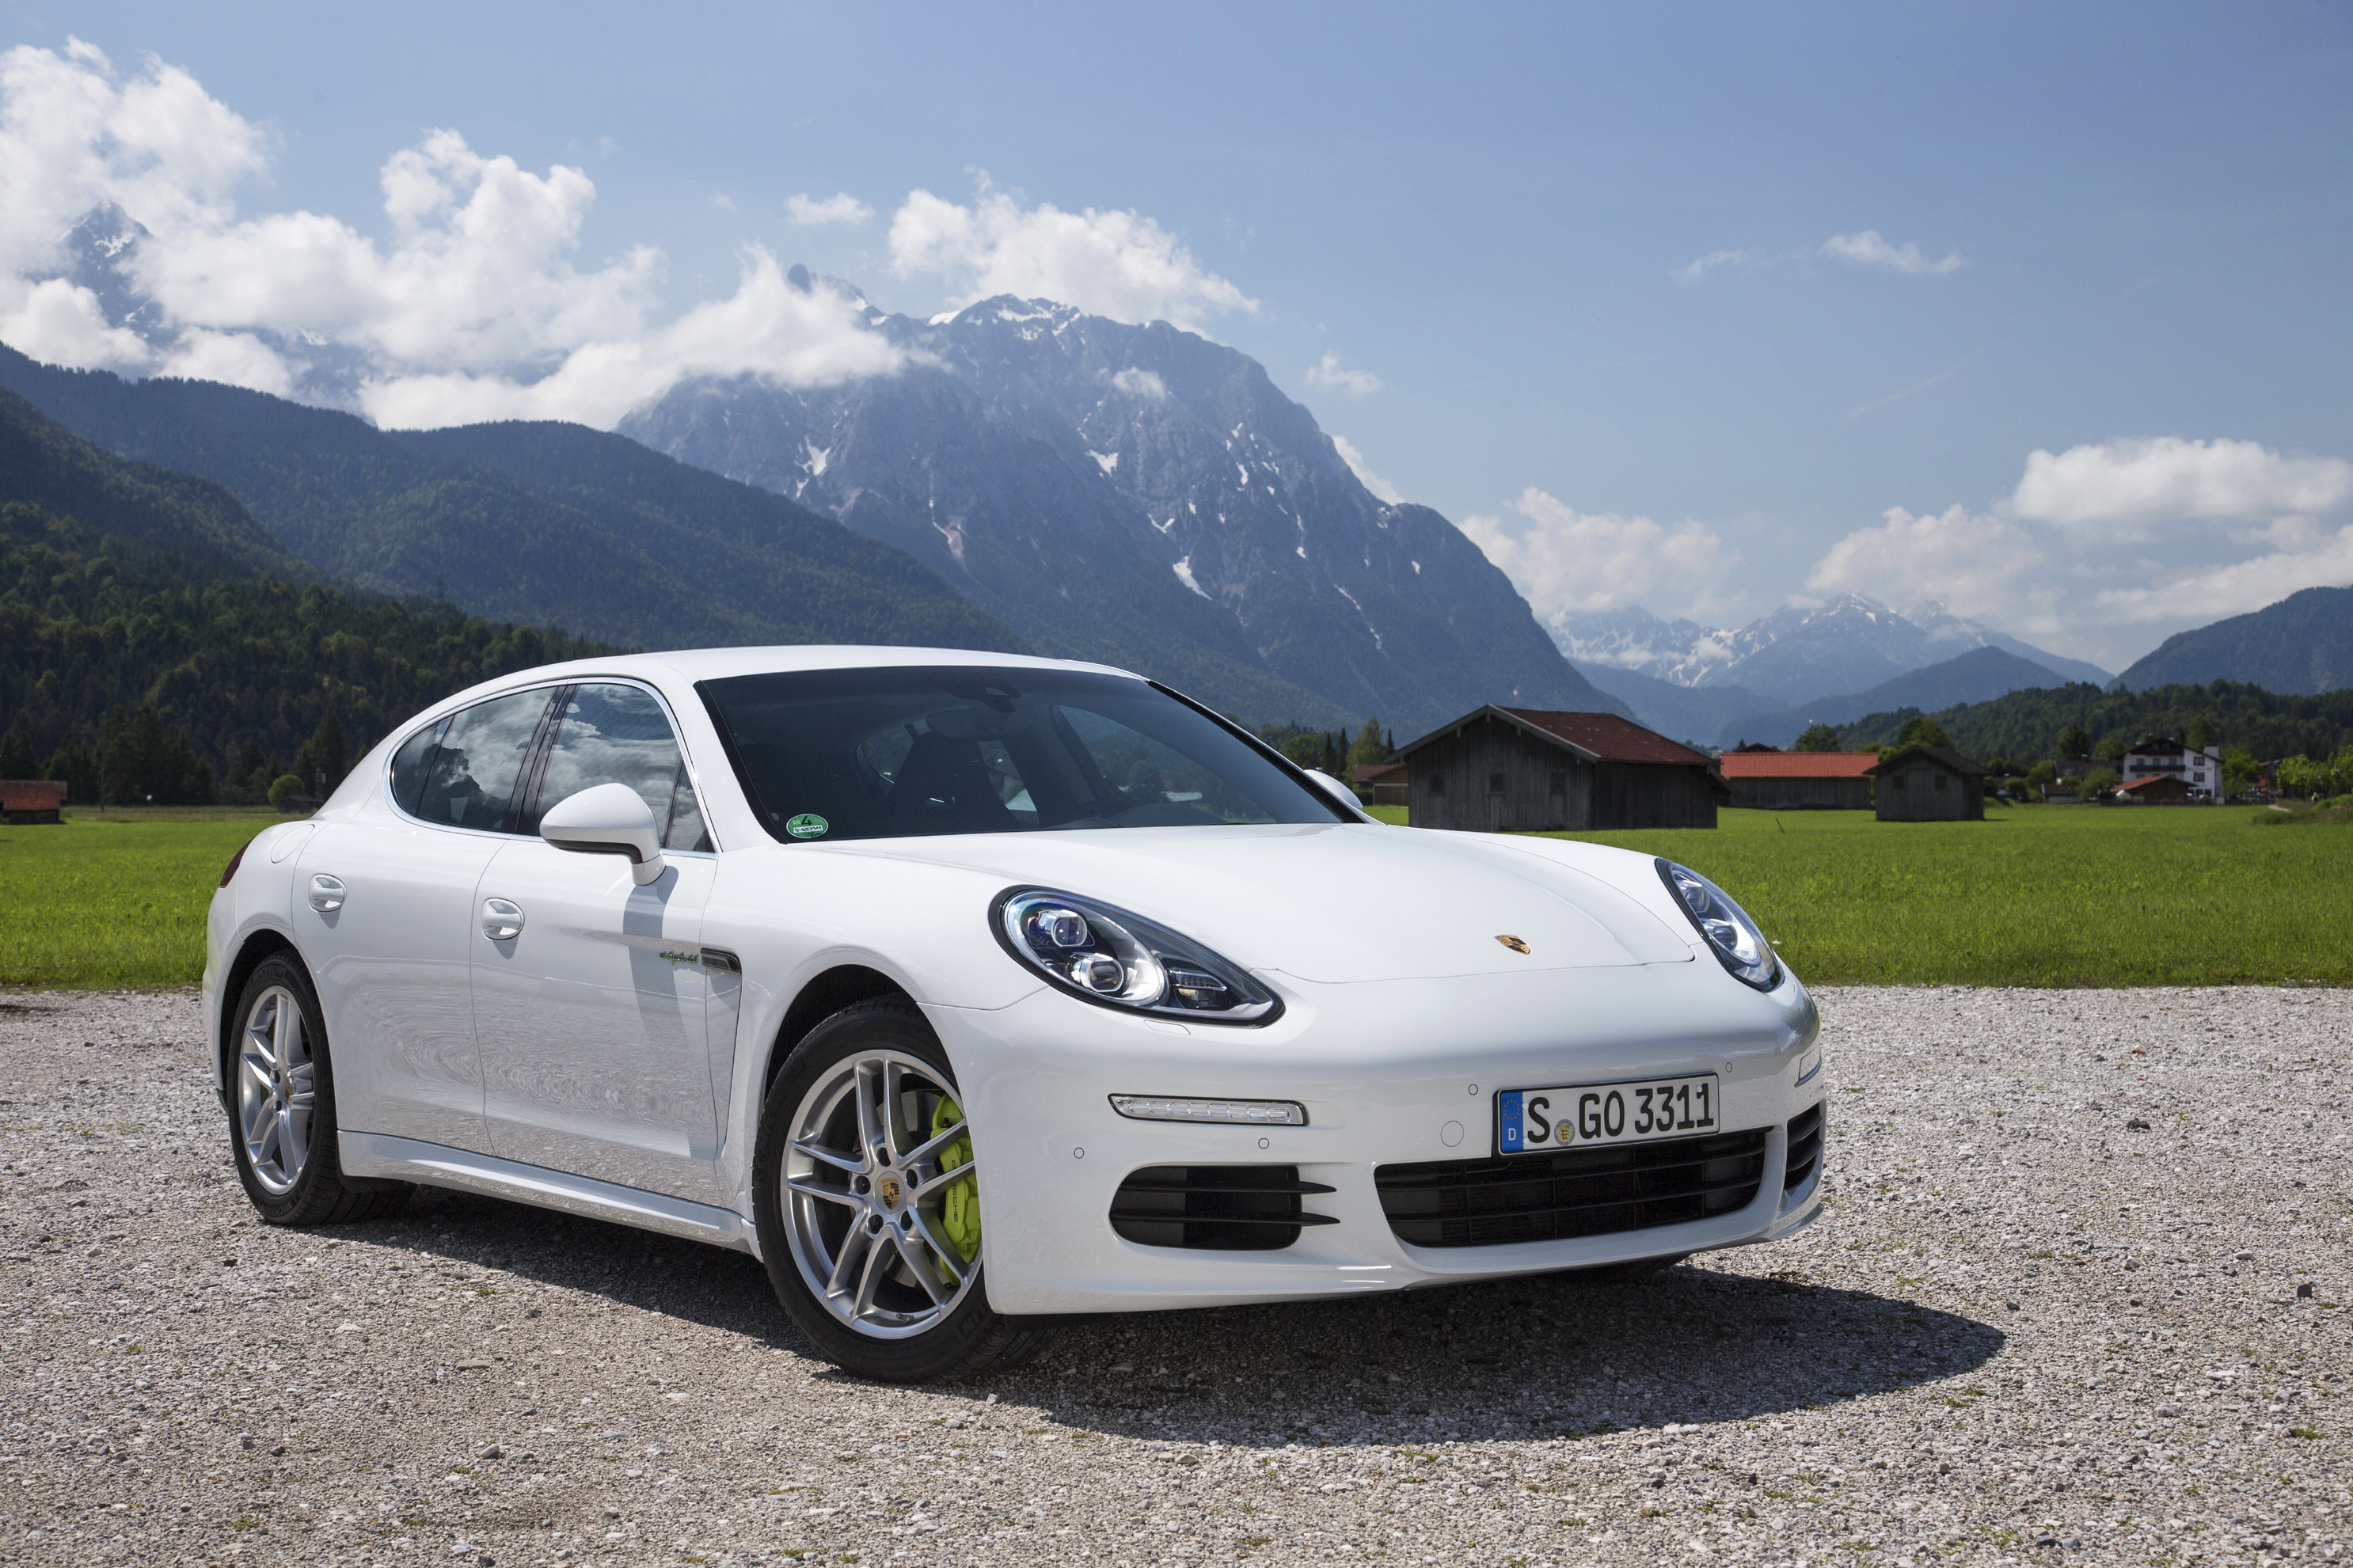 Парковщик перепутал владельца и отдал чужой Porsche 1